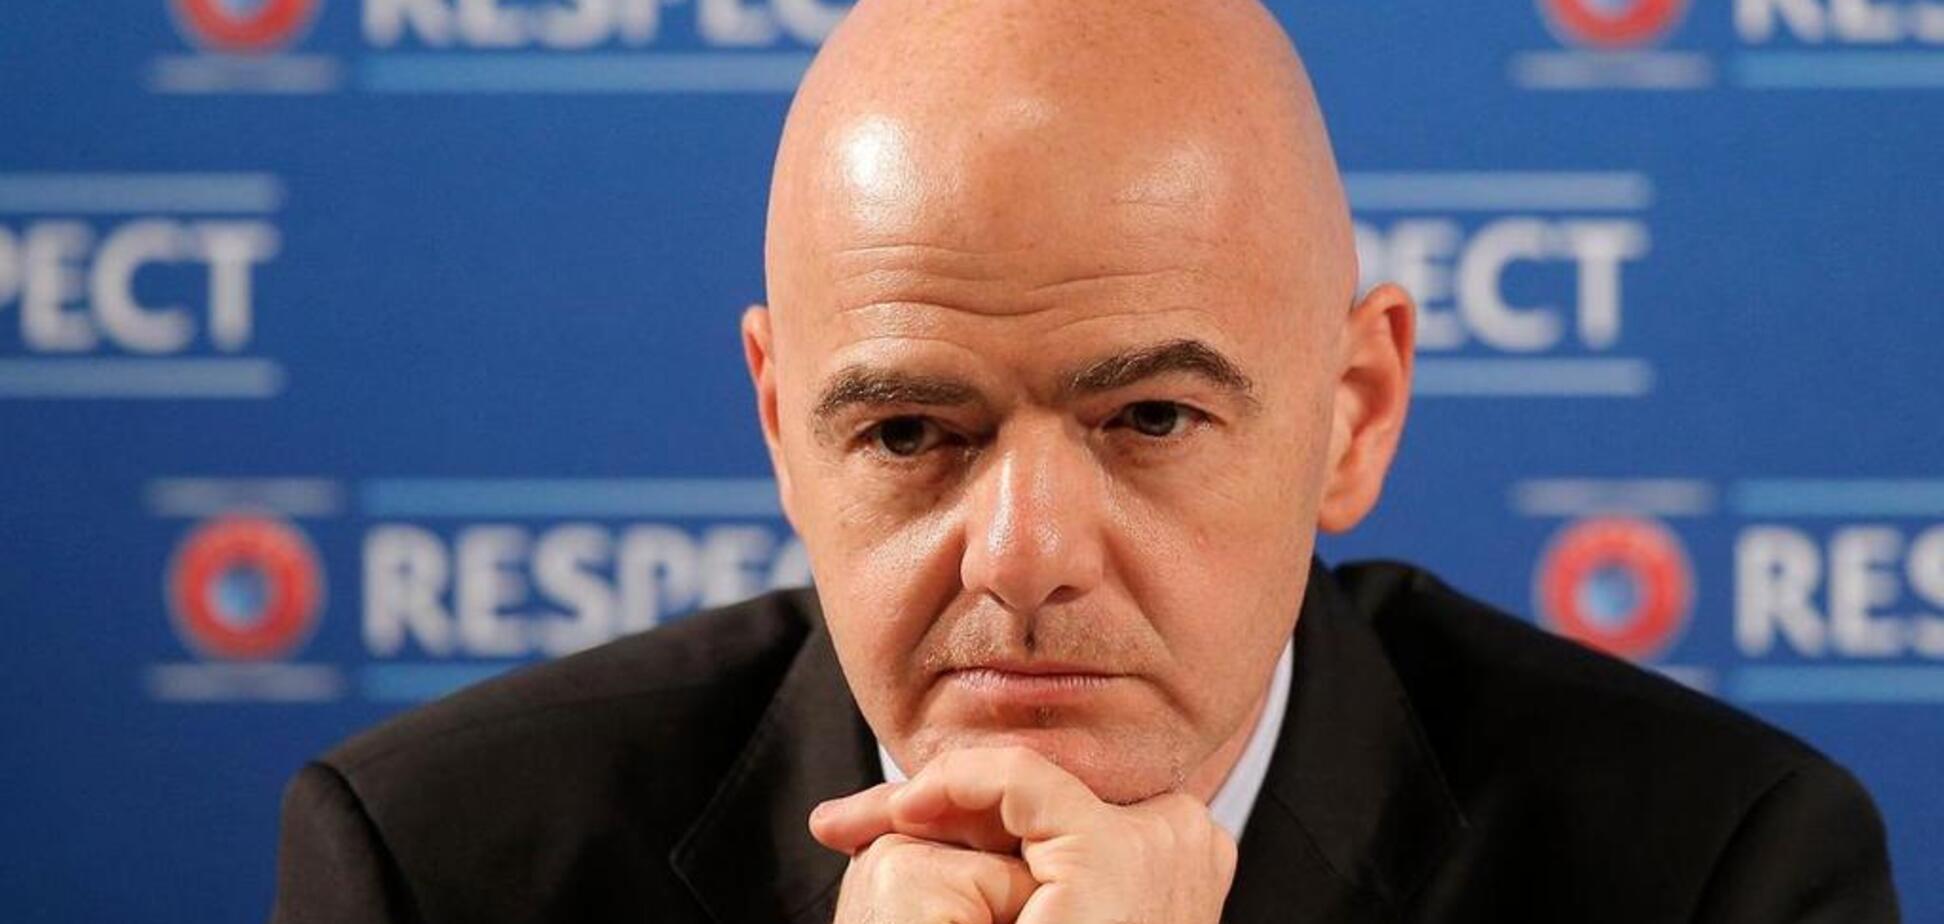 Новый скандал: СМИ обвинили ФИФА и УЕФА в мошенничестве